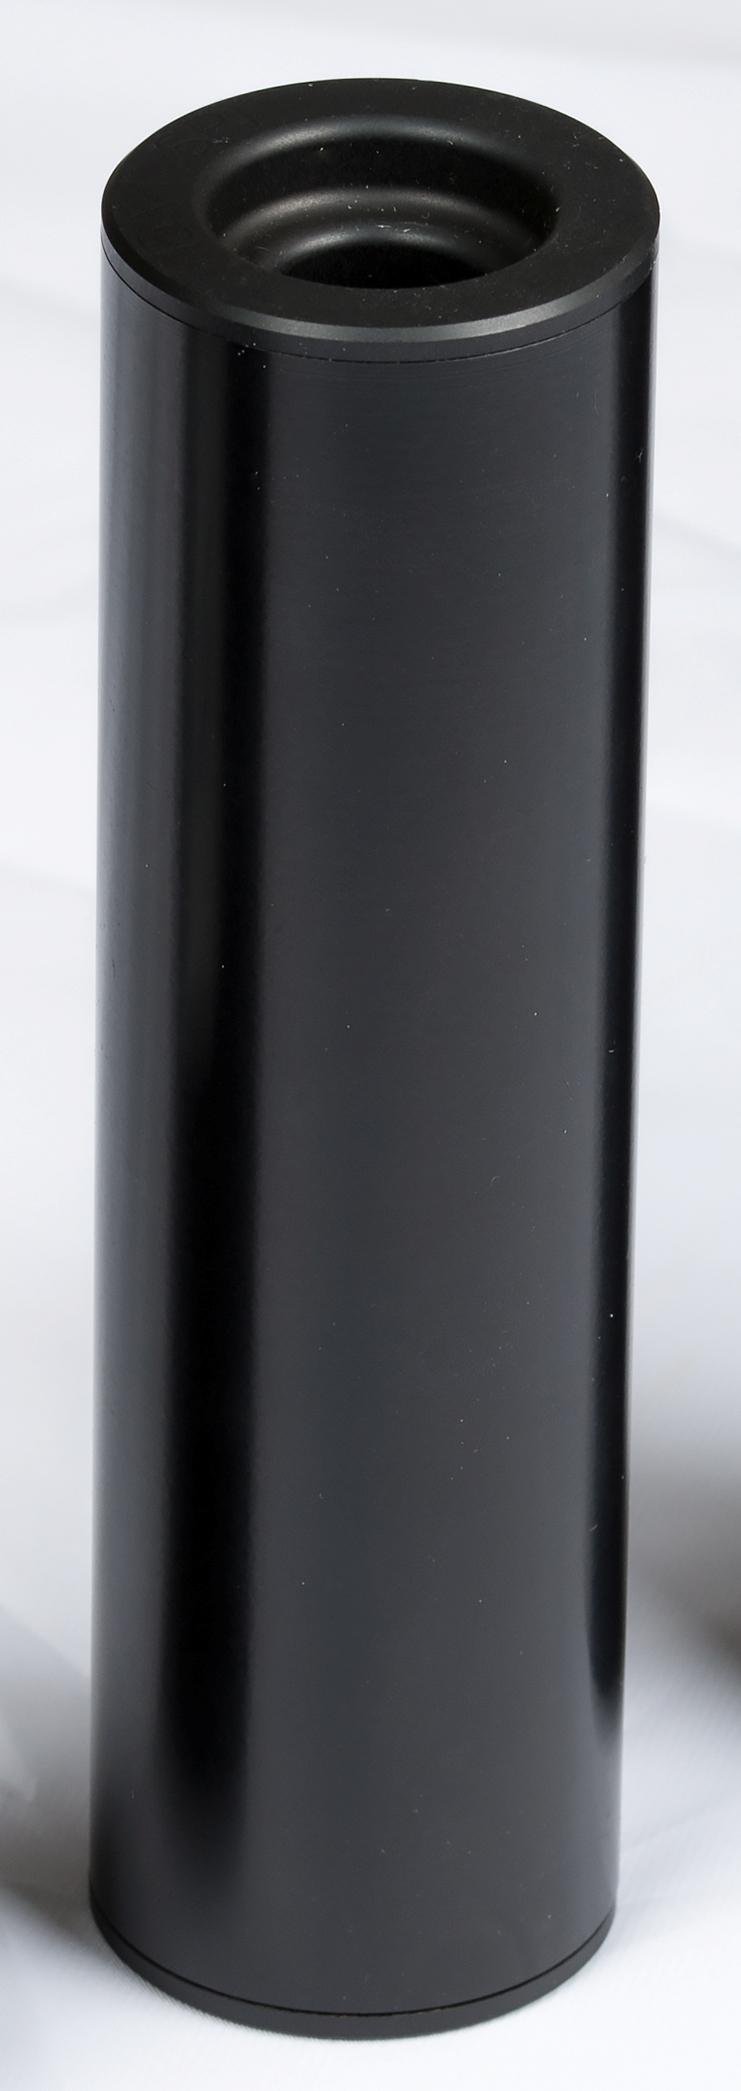 Osuma äänenvaimennin 220 6,5mm  15x1 Sako  musta